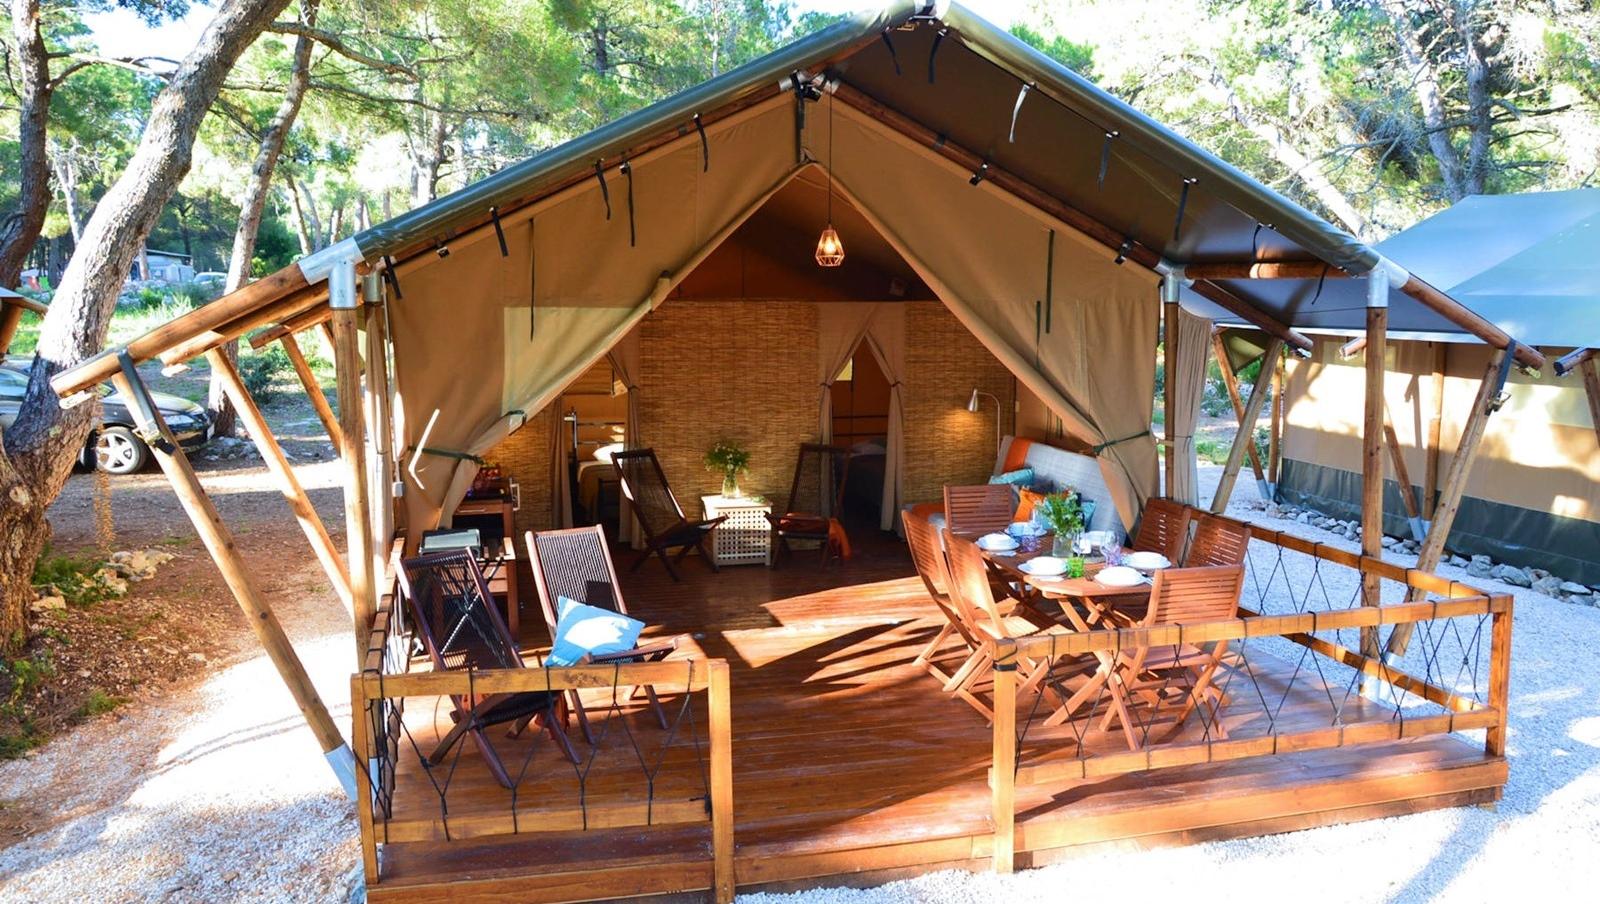 Safari Tent 2 & Safari Tent 2 | Lošinj Glamping | Rent a Tent in Camp ?ikat